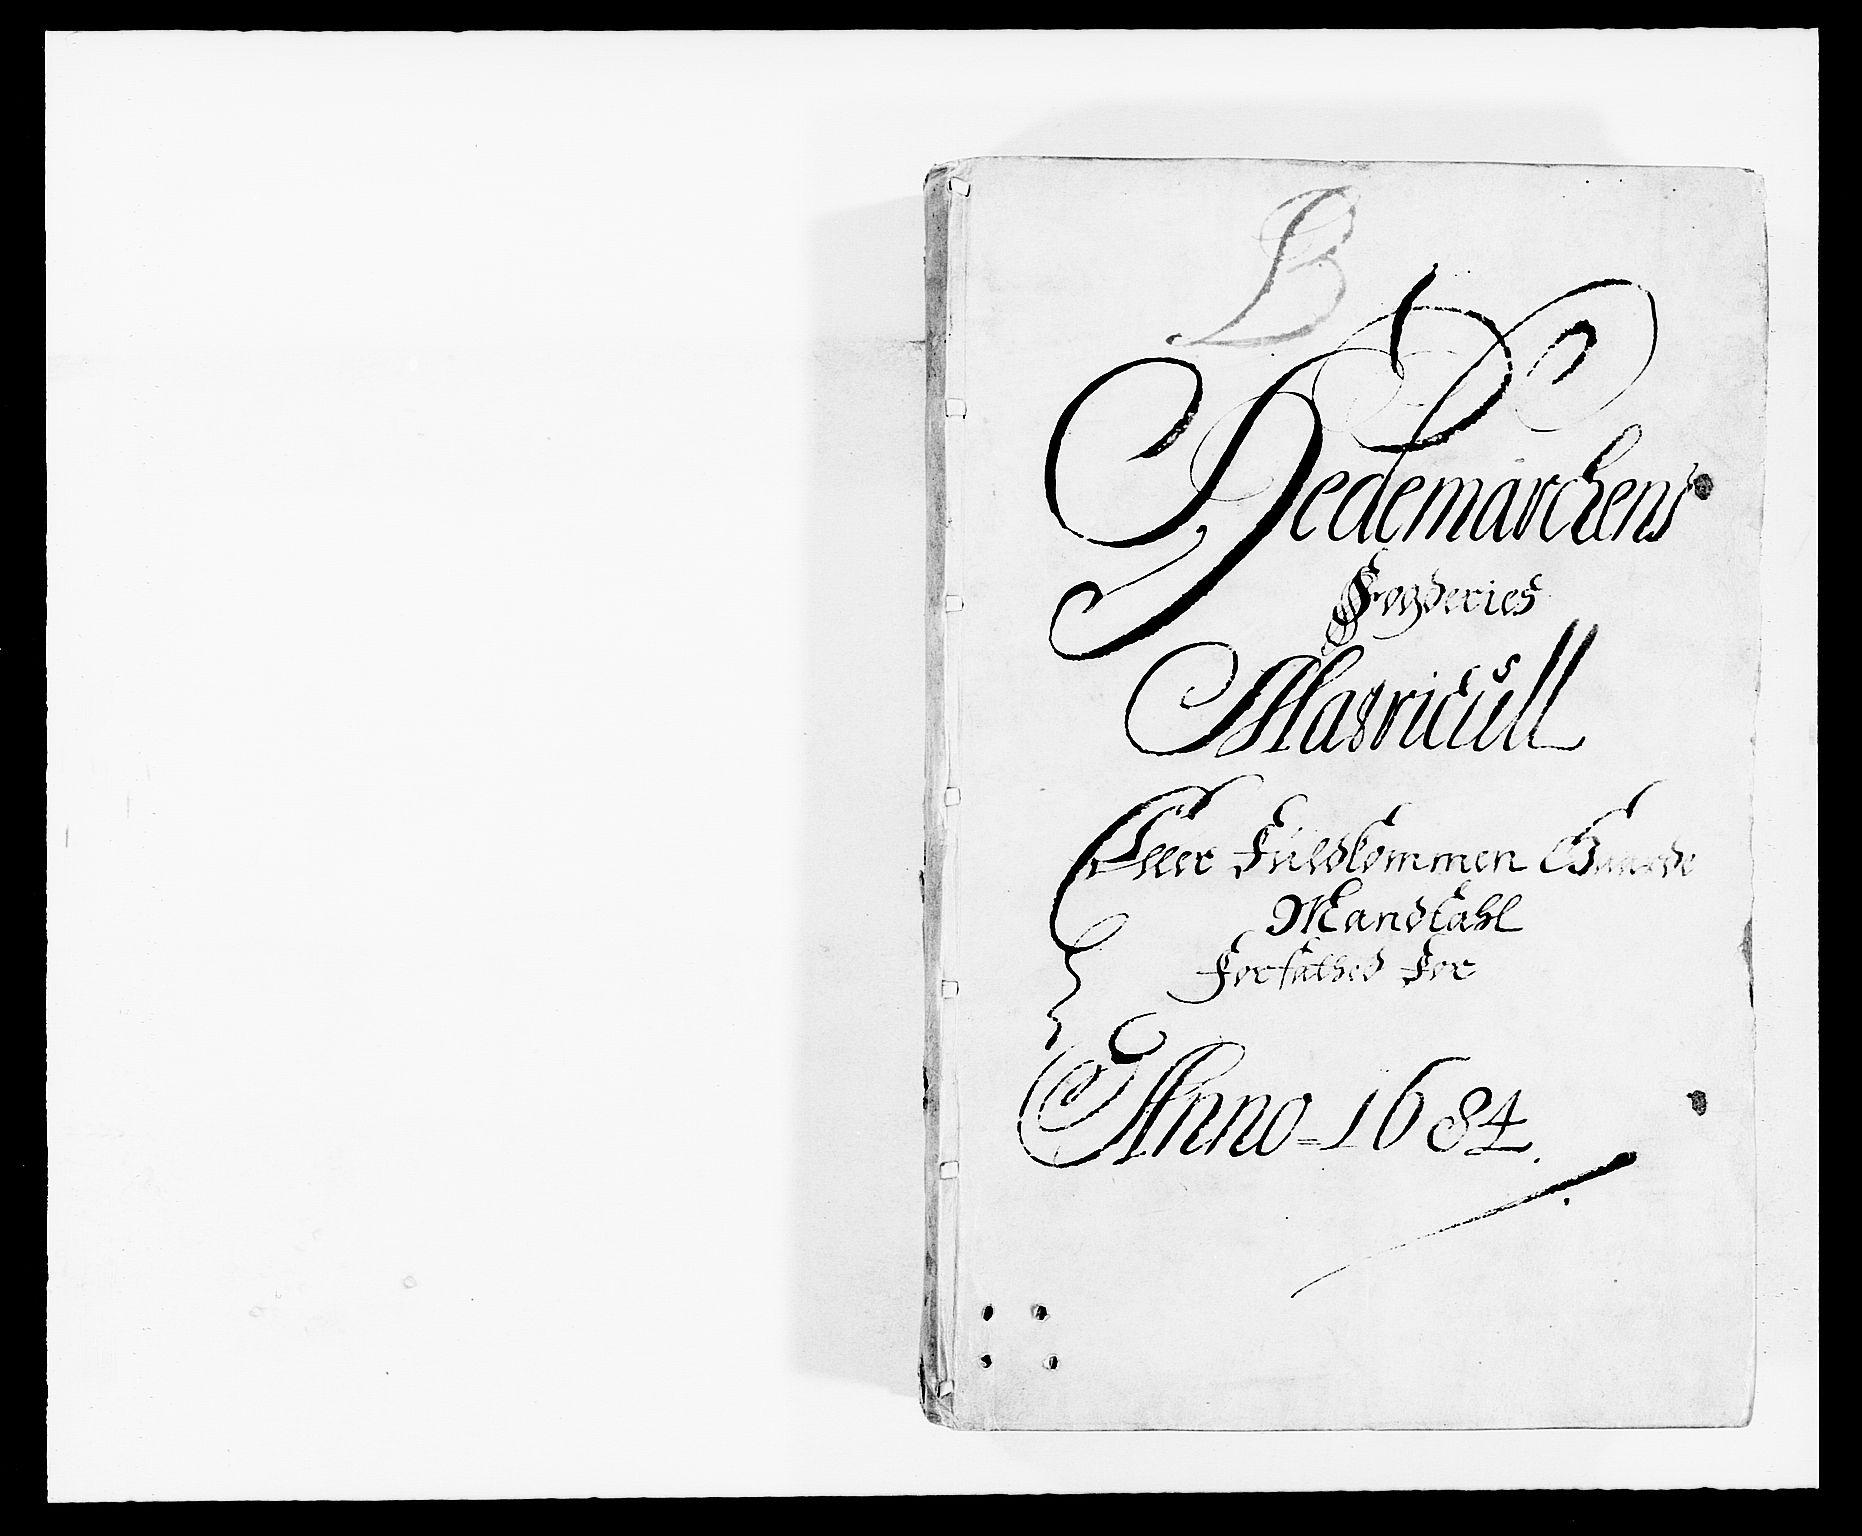 RA, Rentekammeret inntil 1814, Reviderte regnskaper, Fogderegnskap, R16/L1025: Fogderegnskap Hedmark, 1684, s. 19